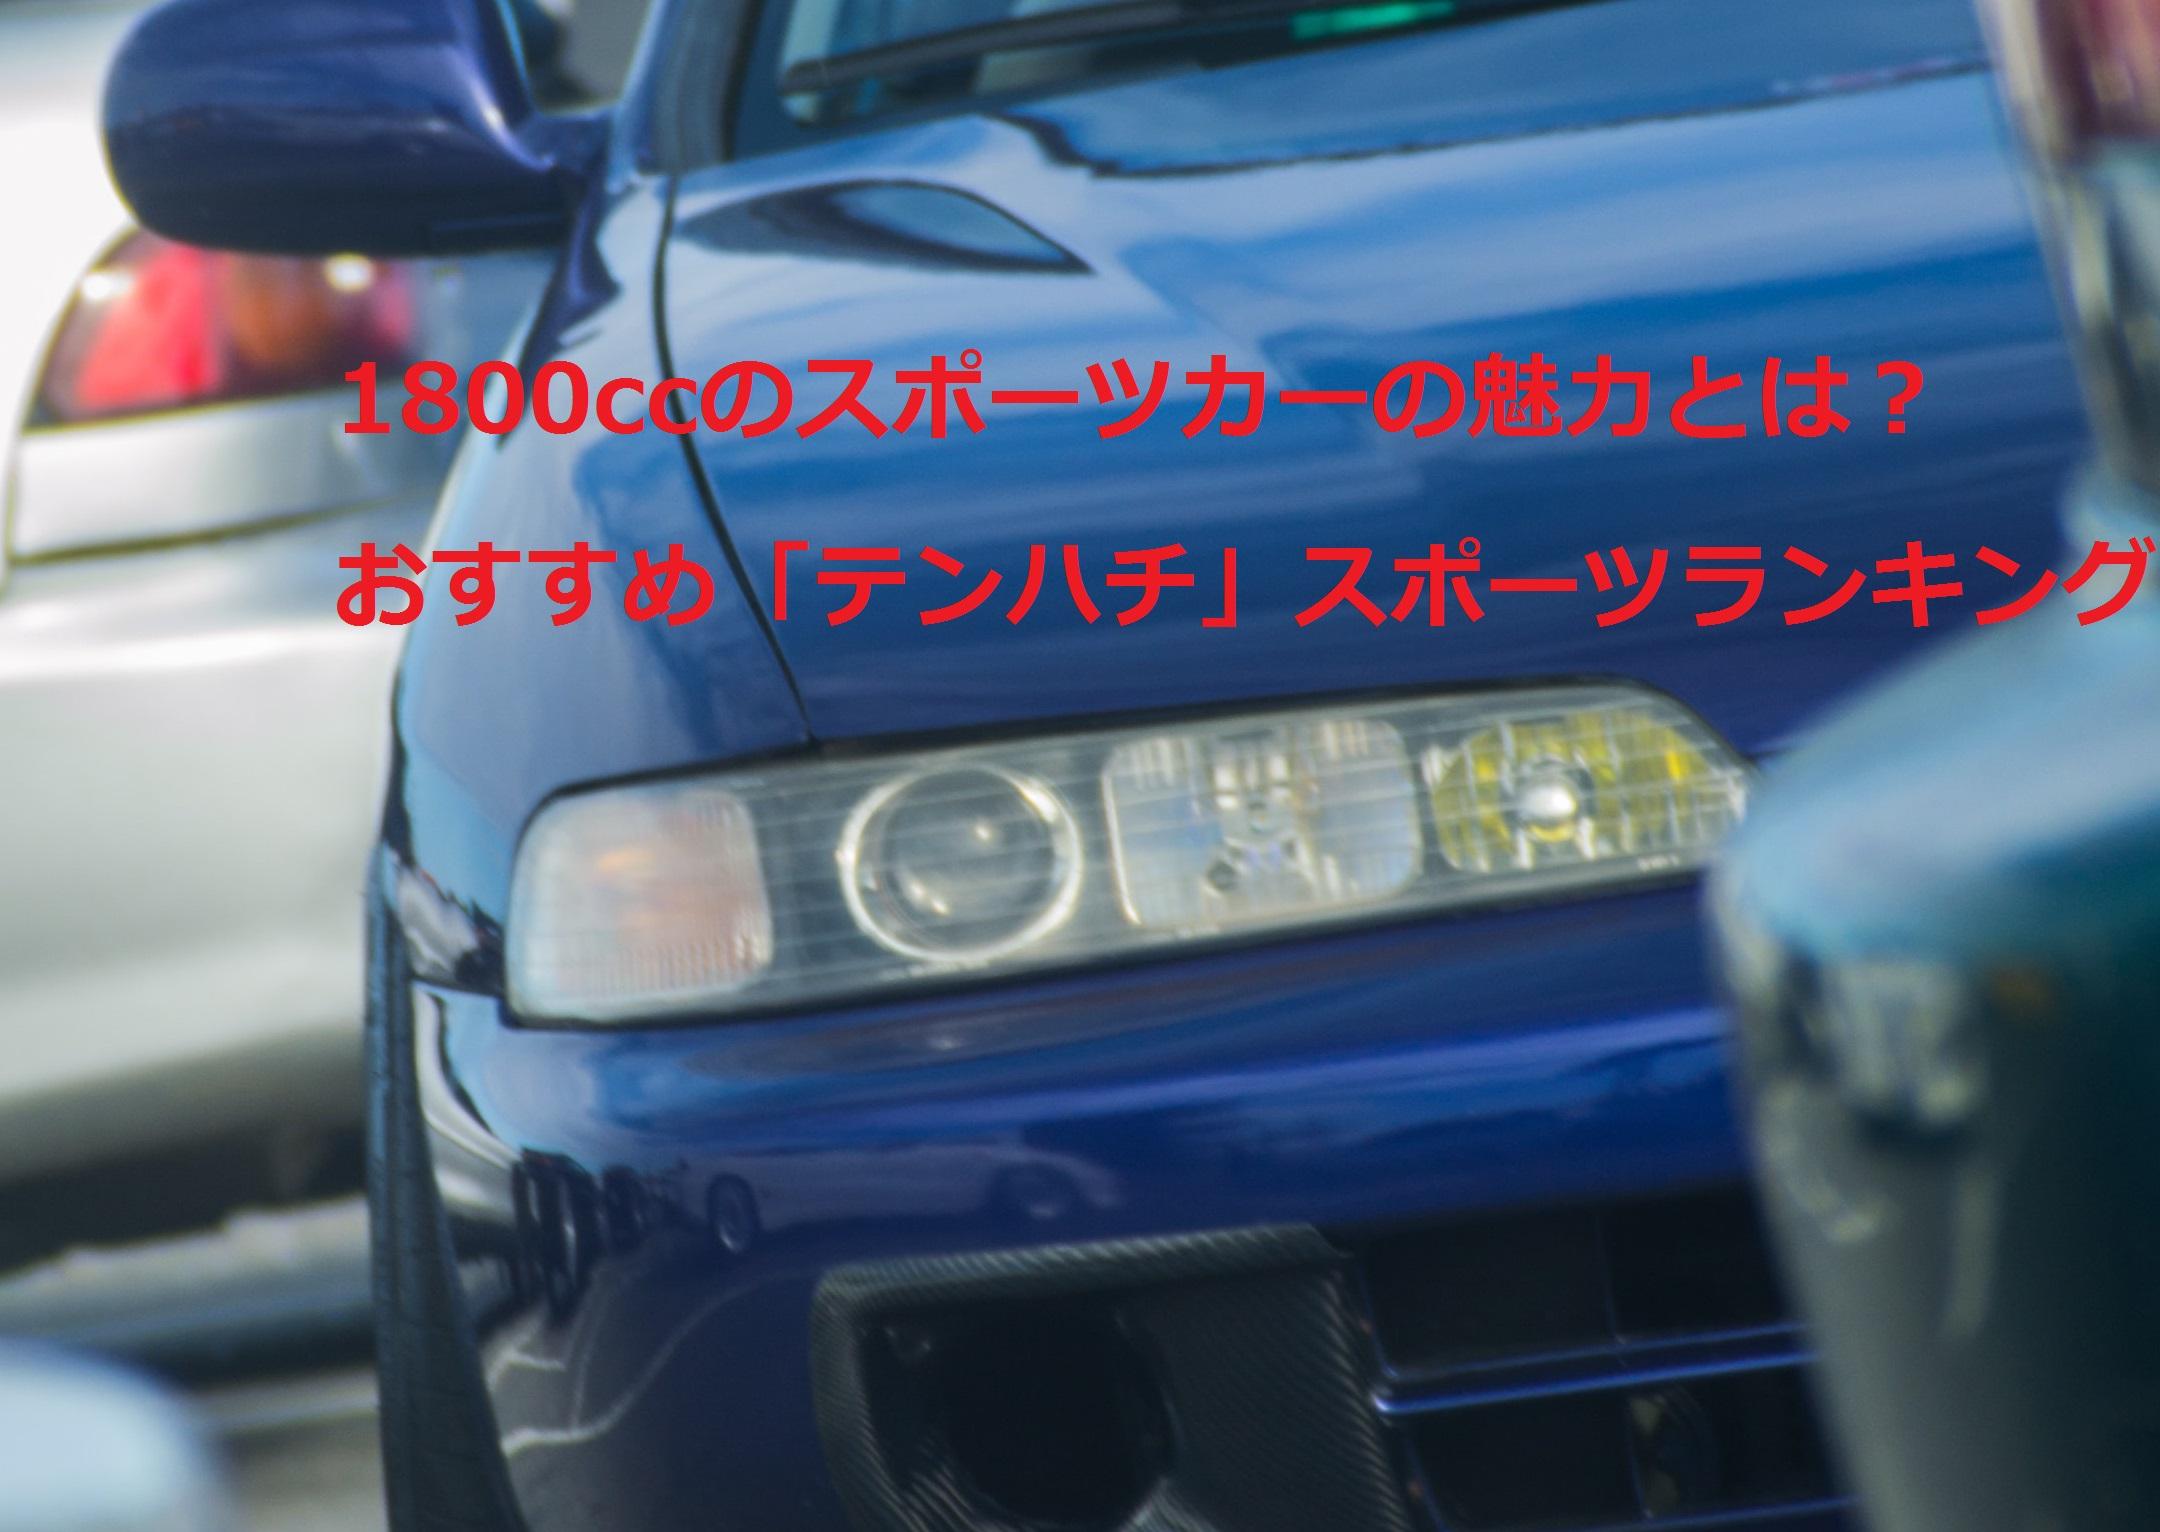 【軽量スポーツカー】1800cc(テンハチ)スポーツカーランキング【2000ccに負けない】